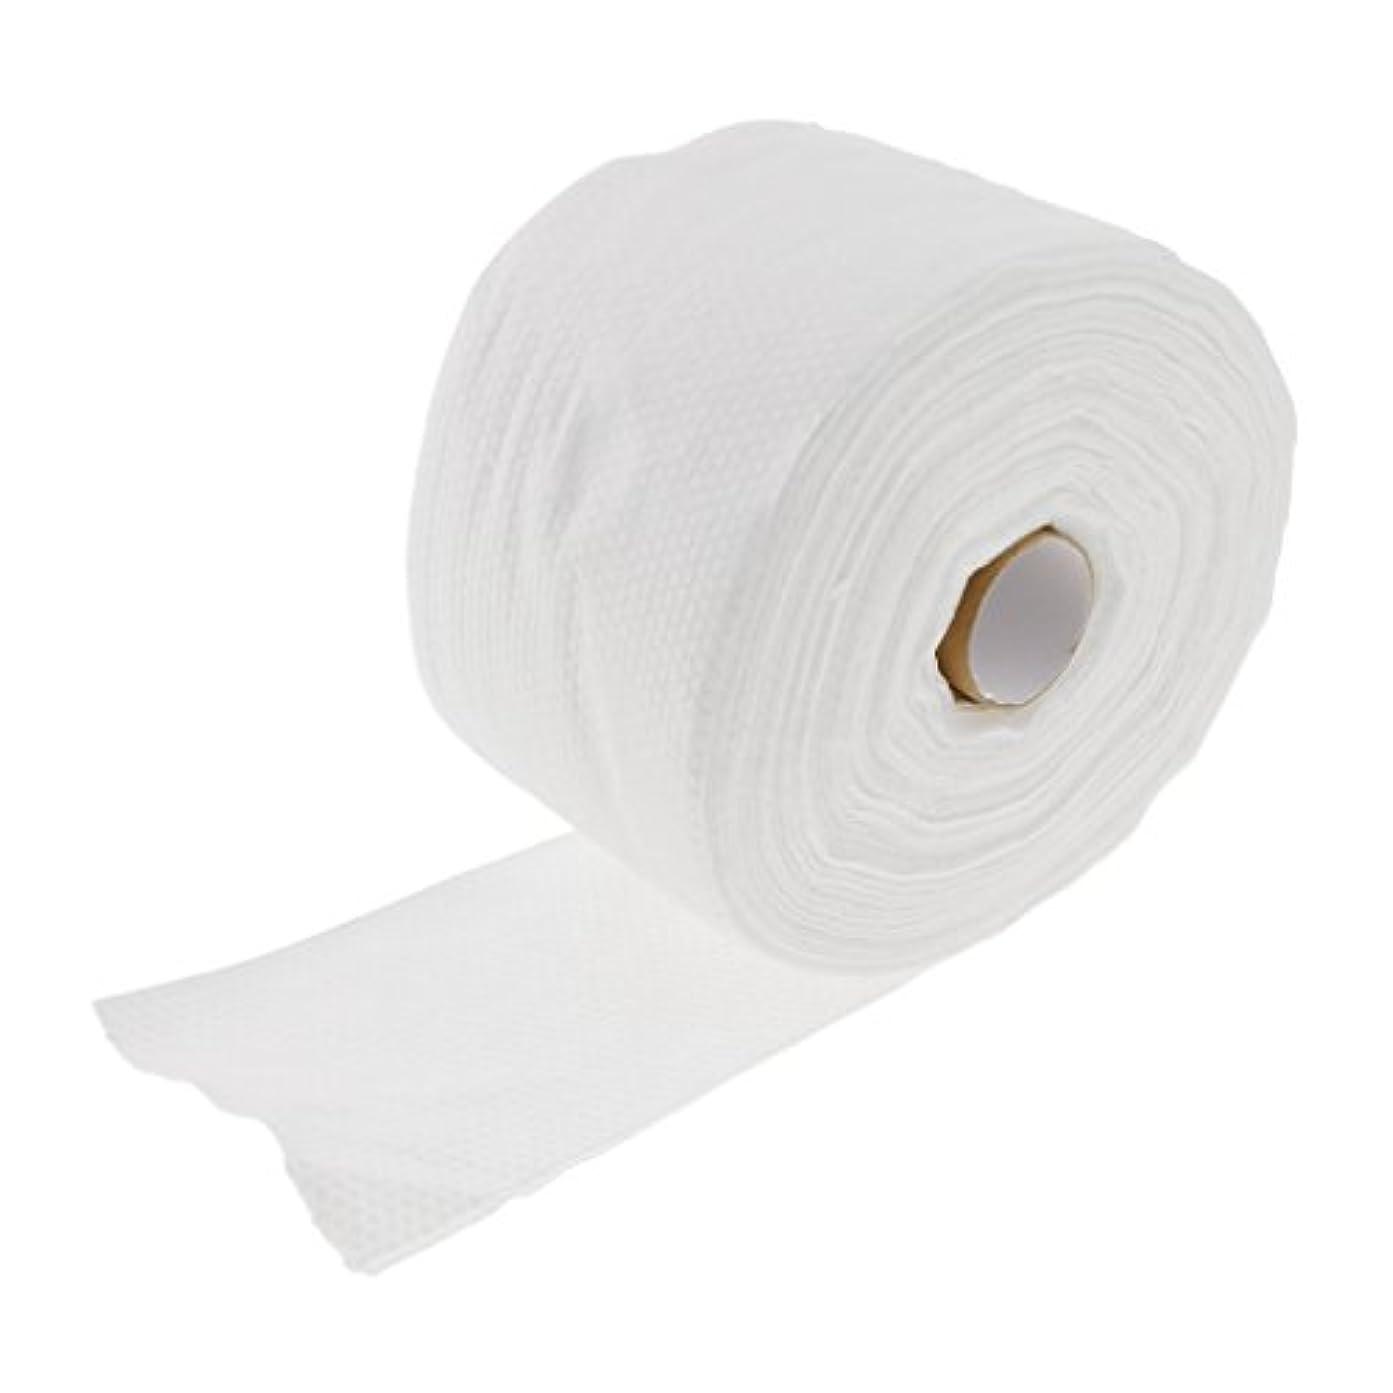 に向けて出発すり減るなめらかロール式 使い捨て 洗顔タオル 使い捨てタオル 30M コットン 繊維 メイクリムーバー 2タイプ選べる - #2